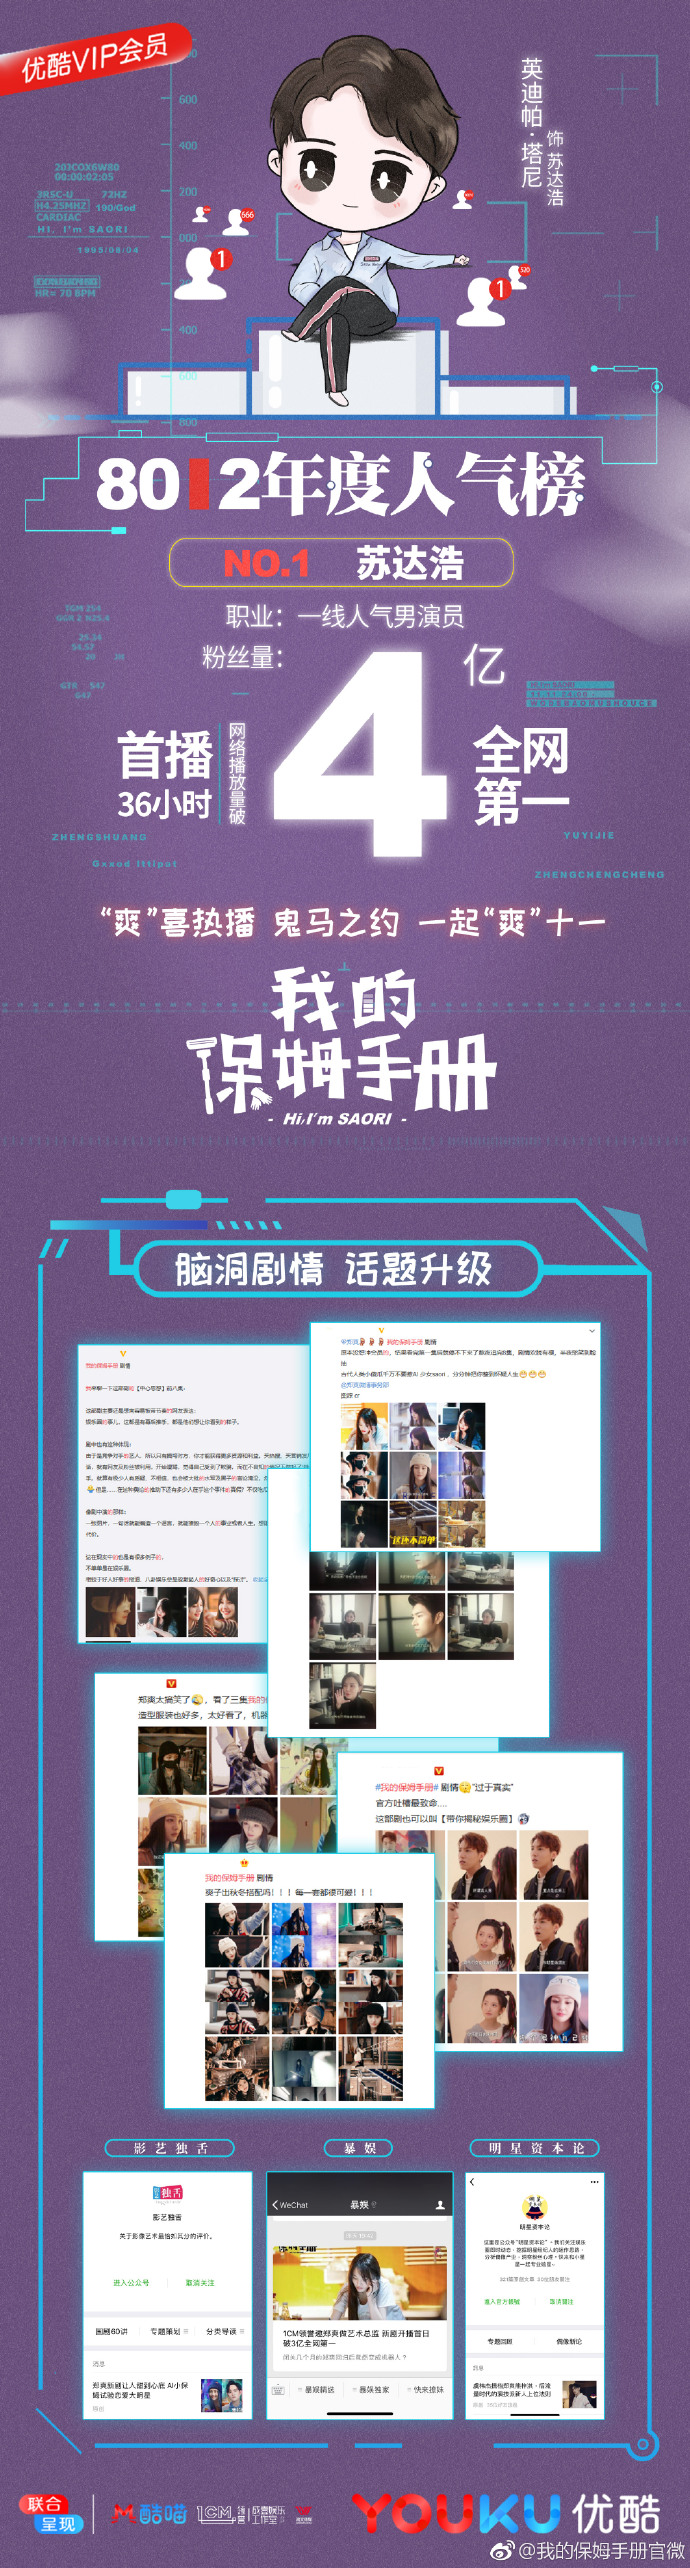 Vừa lên sóng, phim do Trịnh Sảng đóng chính kiêm viết kịch bản bị chơi xấu? 0